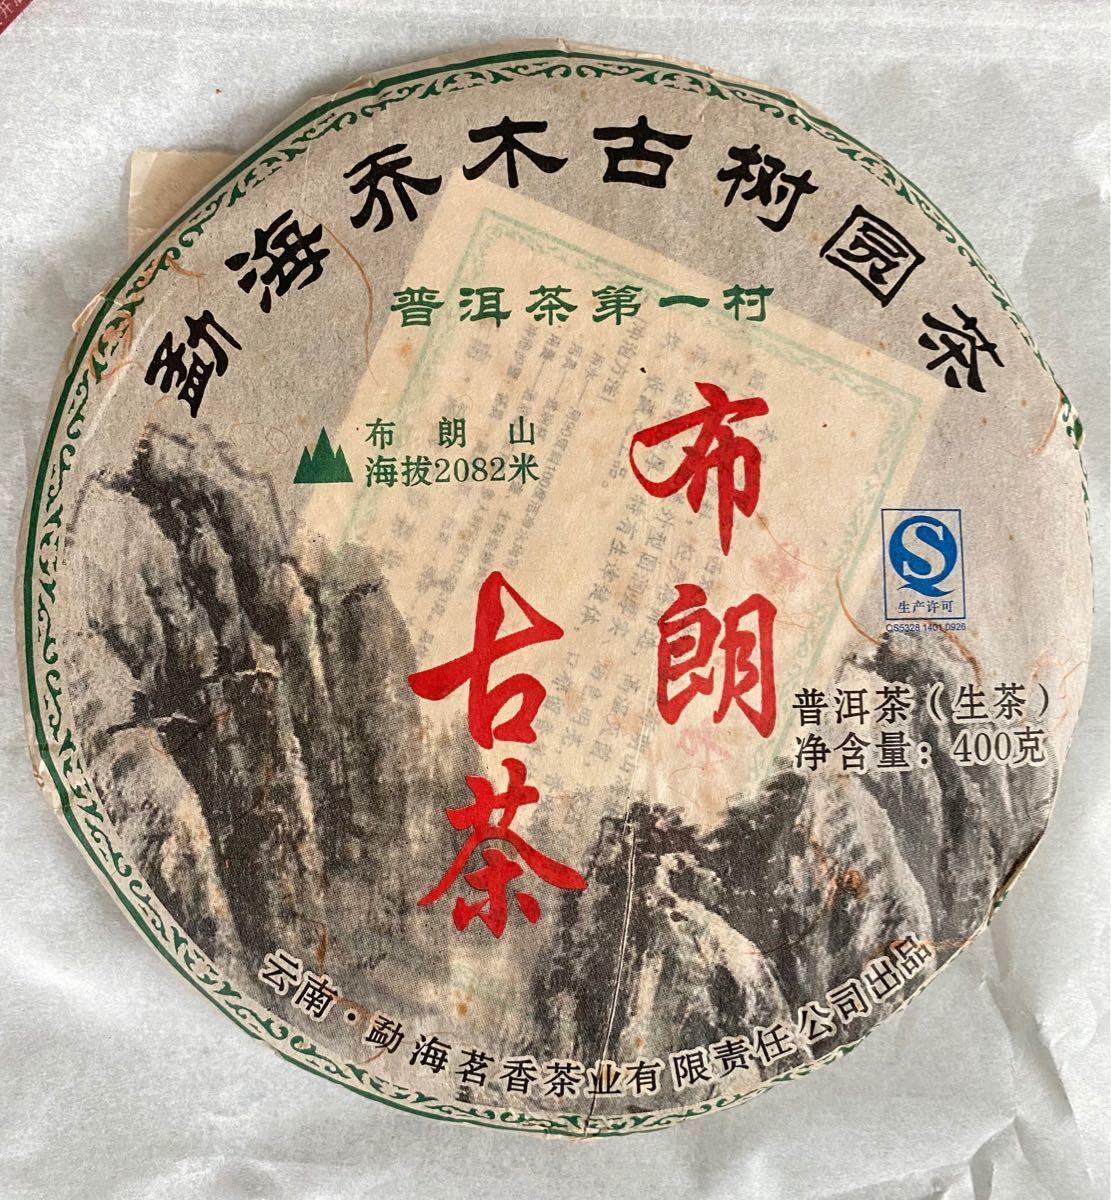 中国雲南省 プーアル茶 布朗古茶 生茶 8年物